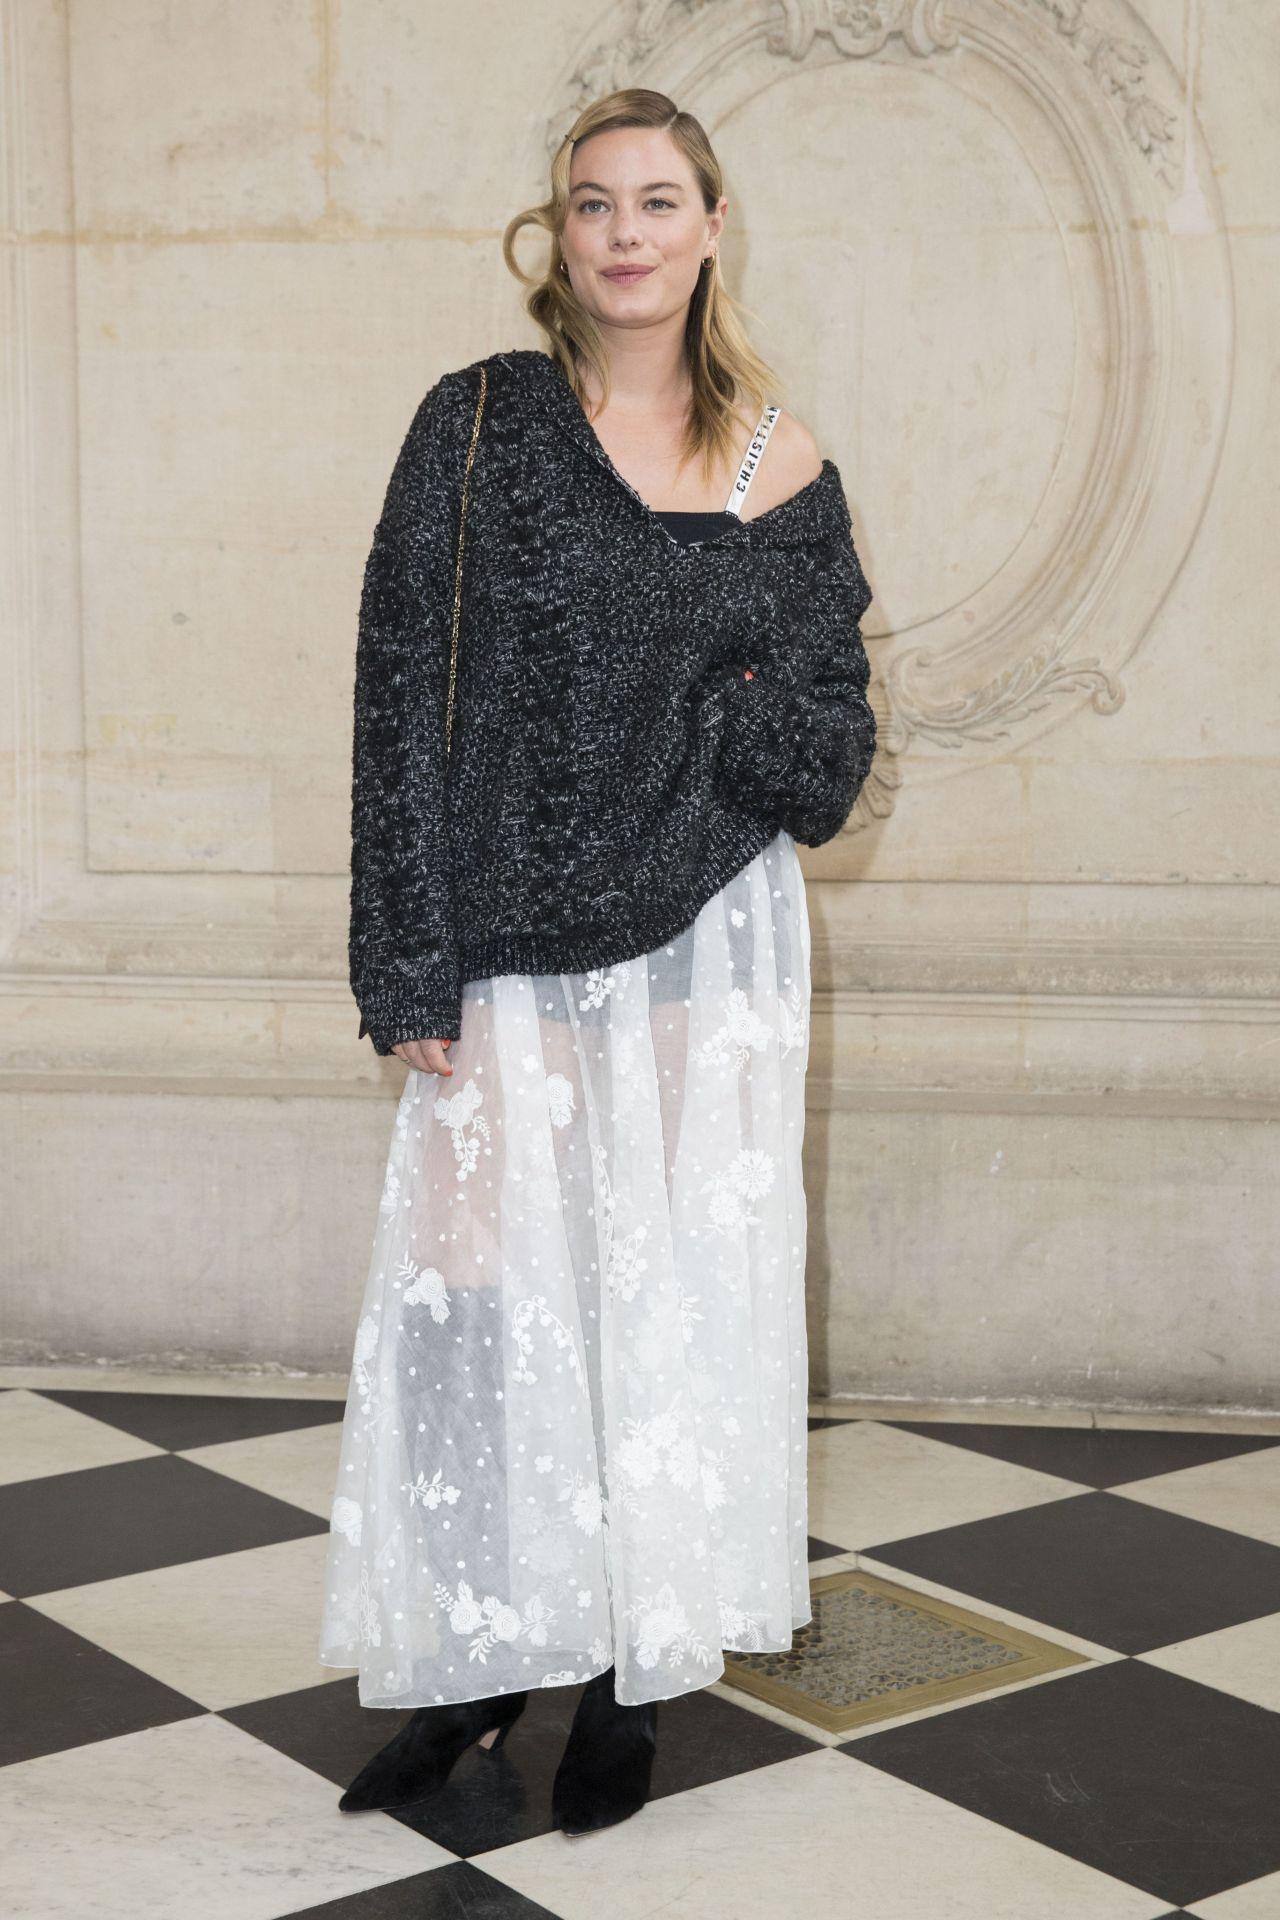 Camille Rowe at Paris Fashion Week – Christian Dior Show 3/3/ 2017